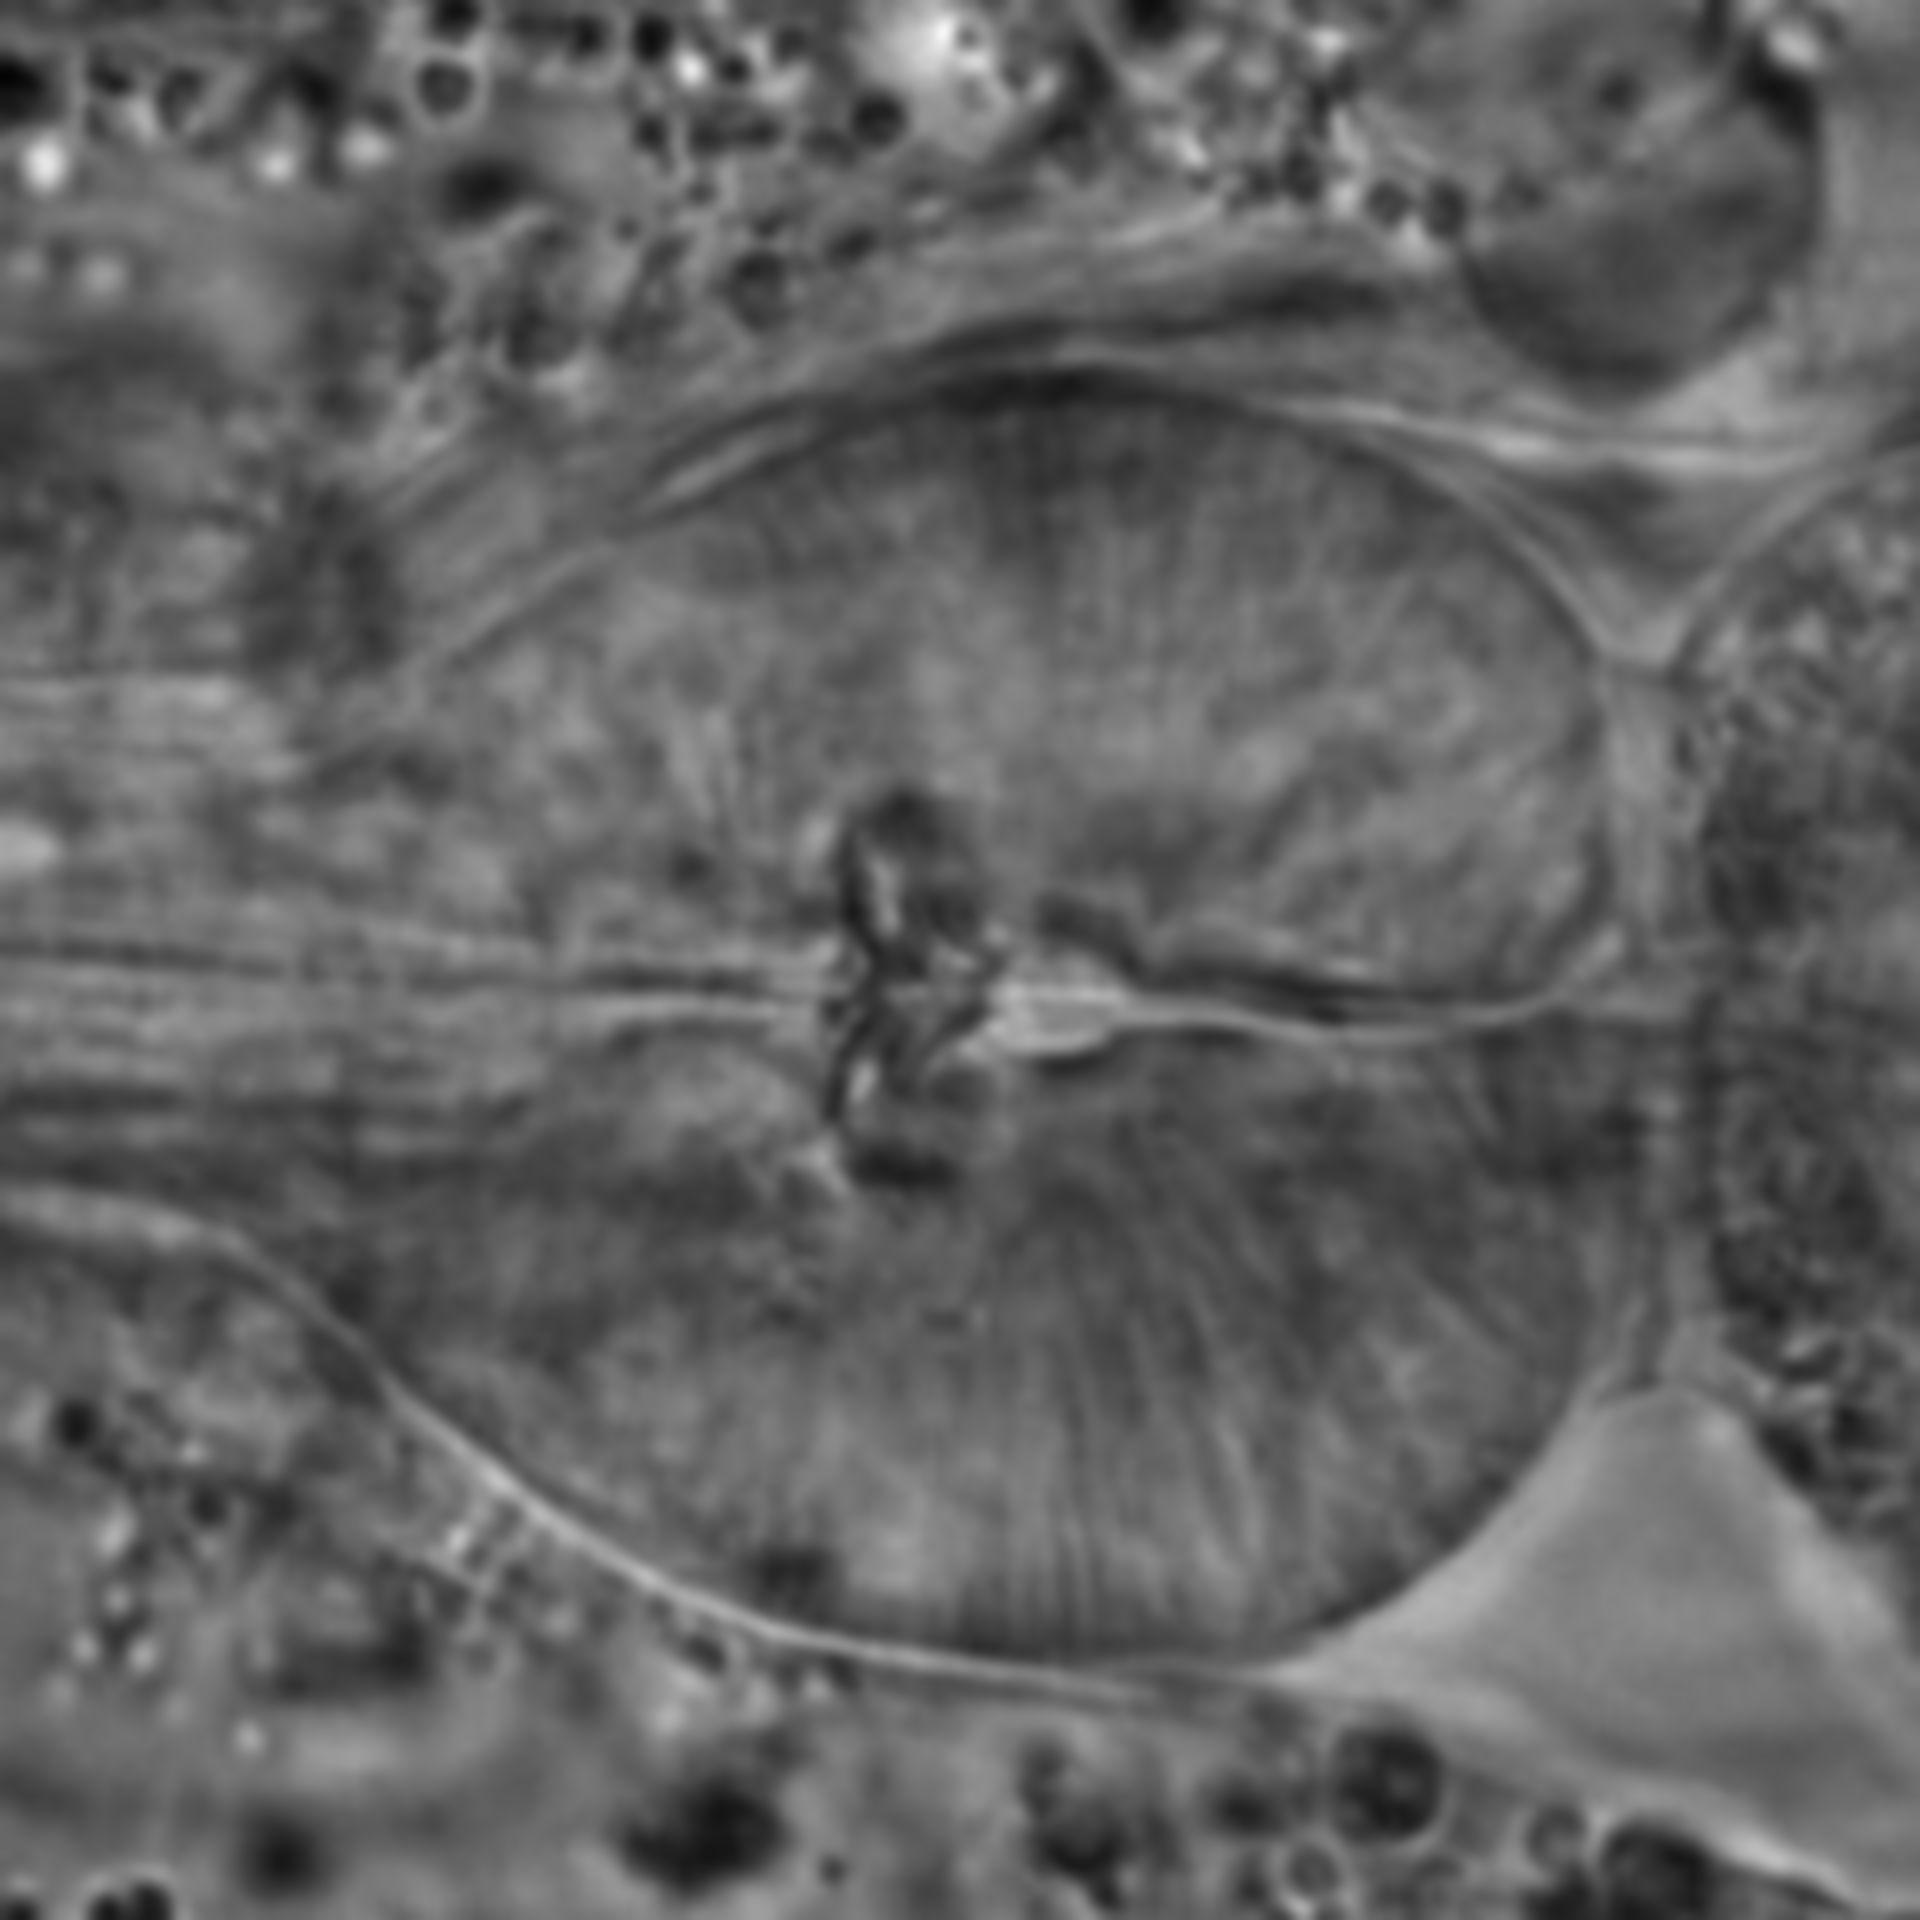 Caenorhabditis elegans - CIL:1712